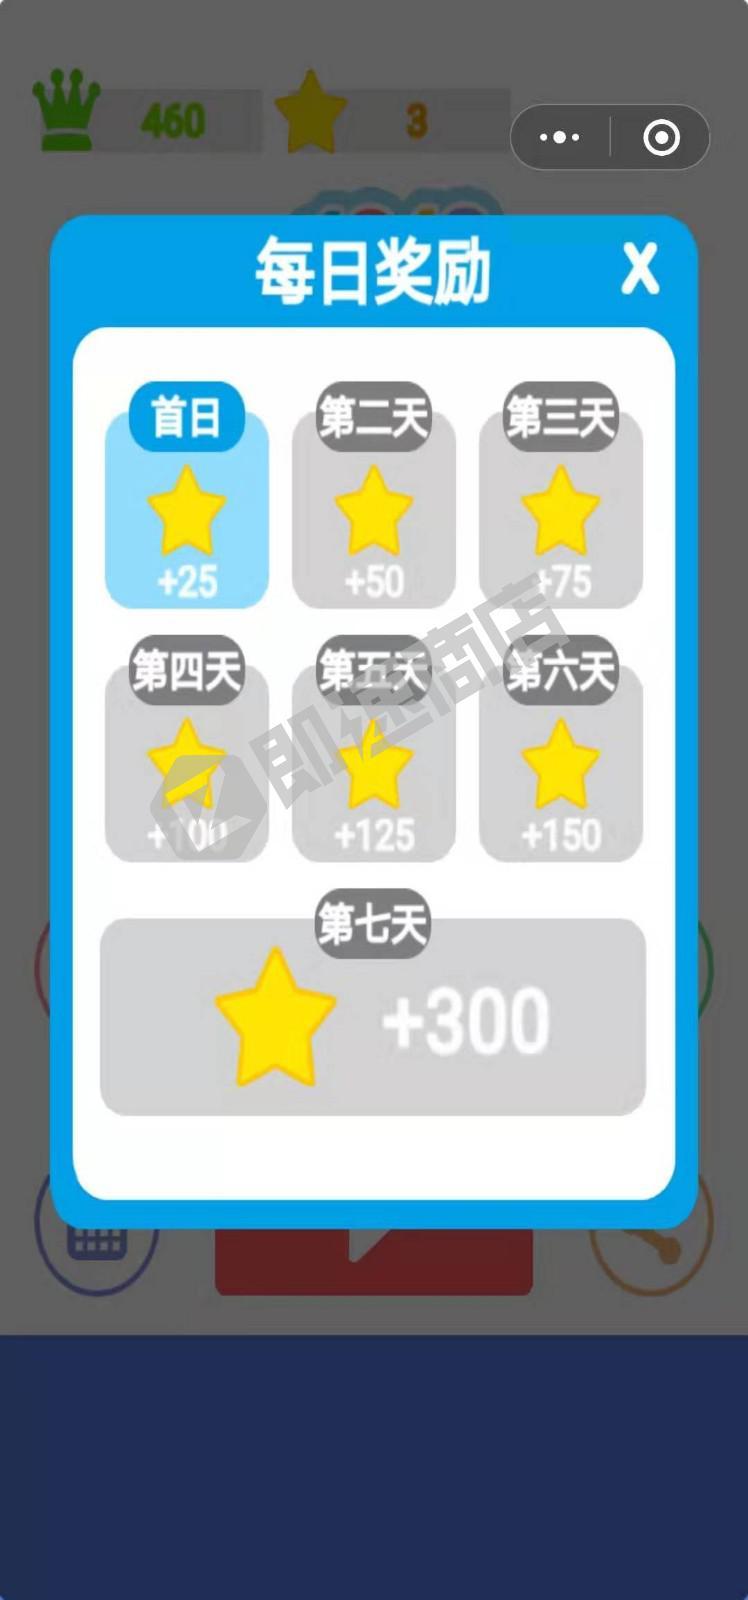 1010快消小程序详情页截图1